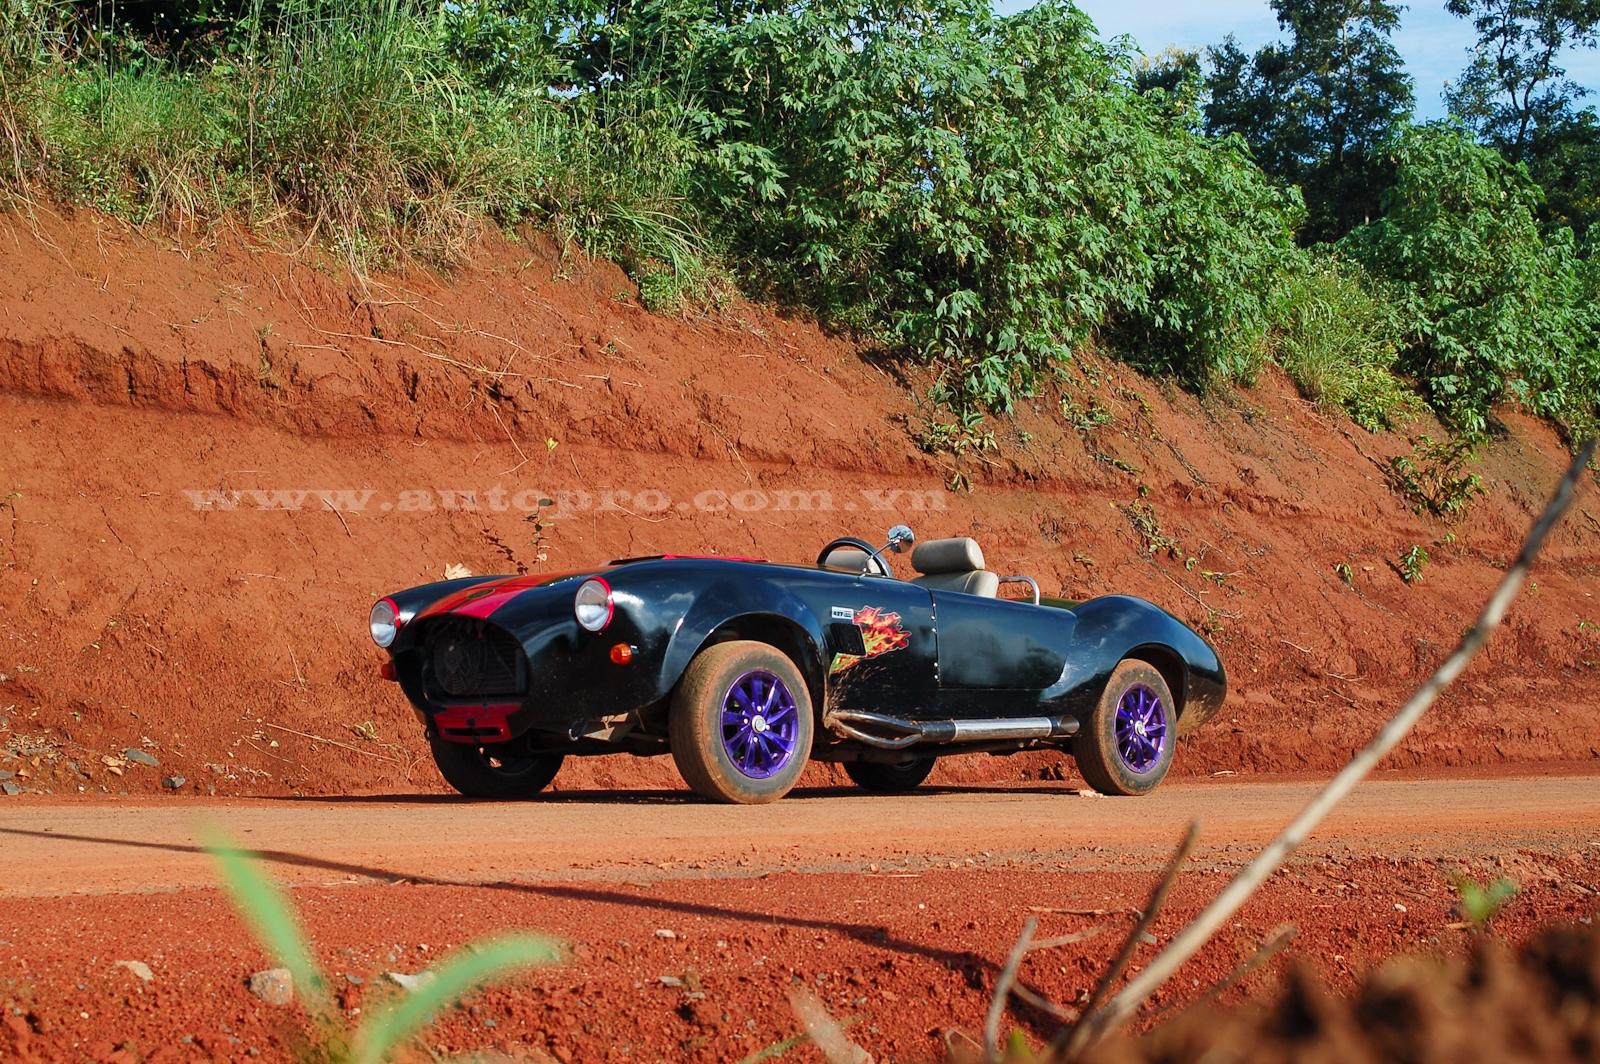 Shelby Cobra 427 có thể sẽ được Văn Kim rao bán qua đó lấy kinh phí tạo ra chiếc Shelby Cobra thứ 2 được cho ấn tượng hơn.